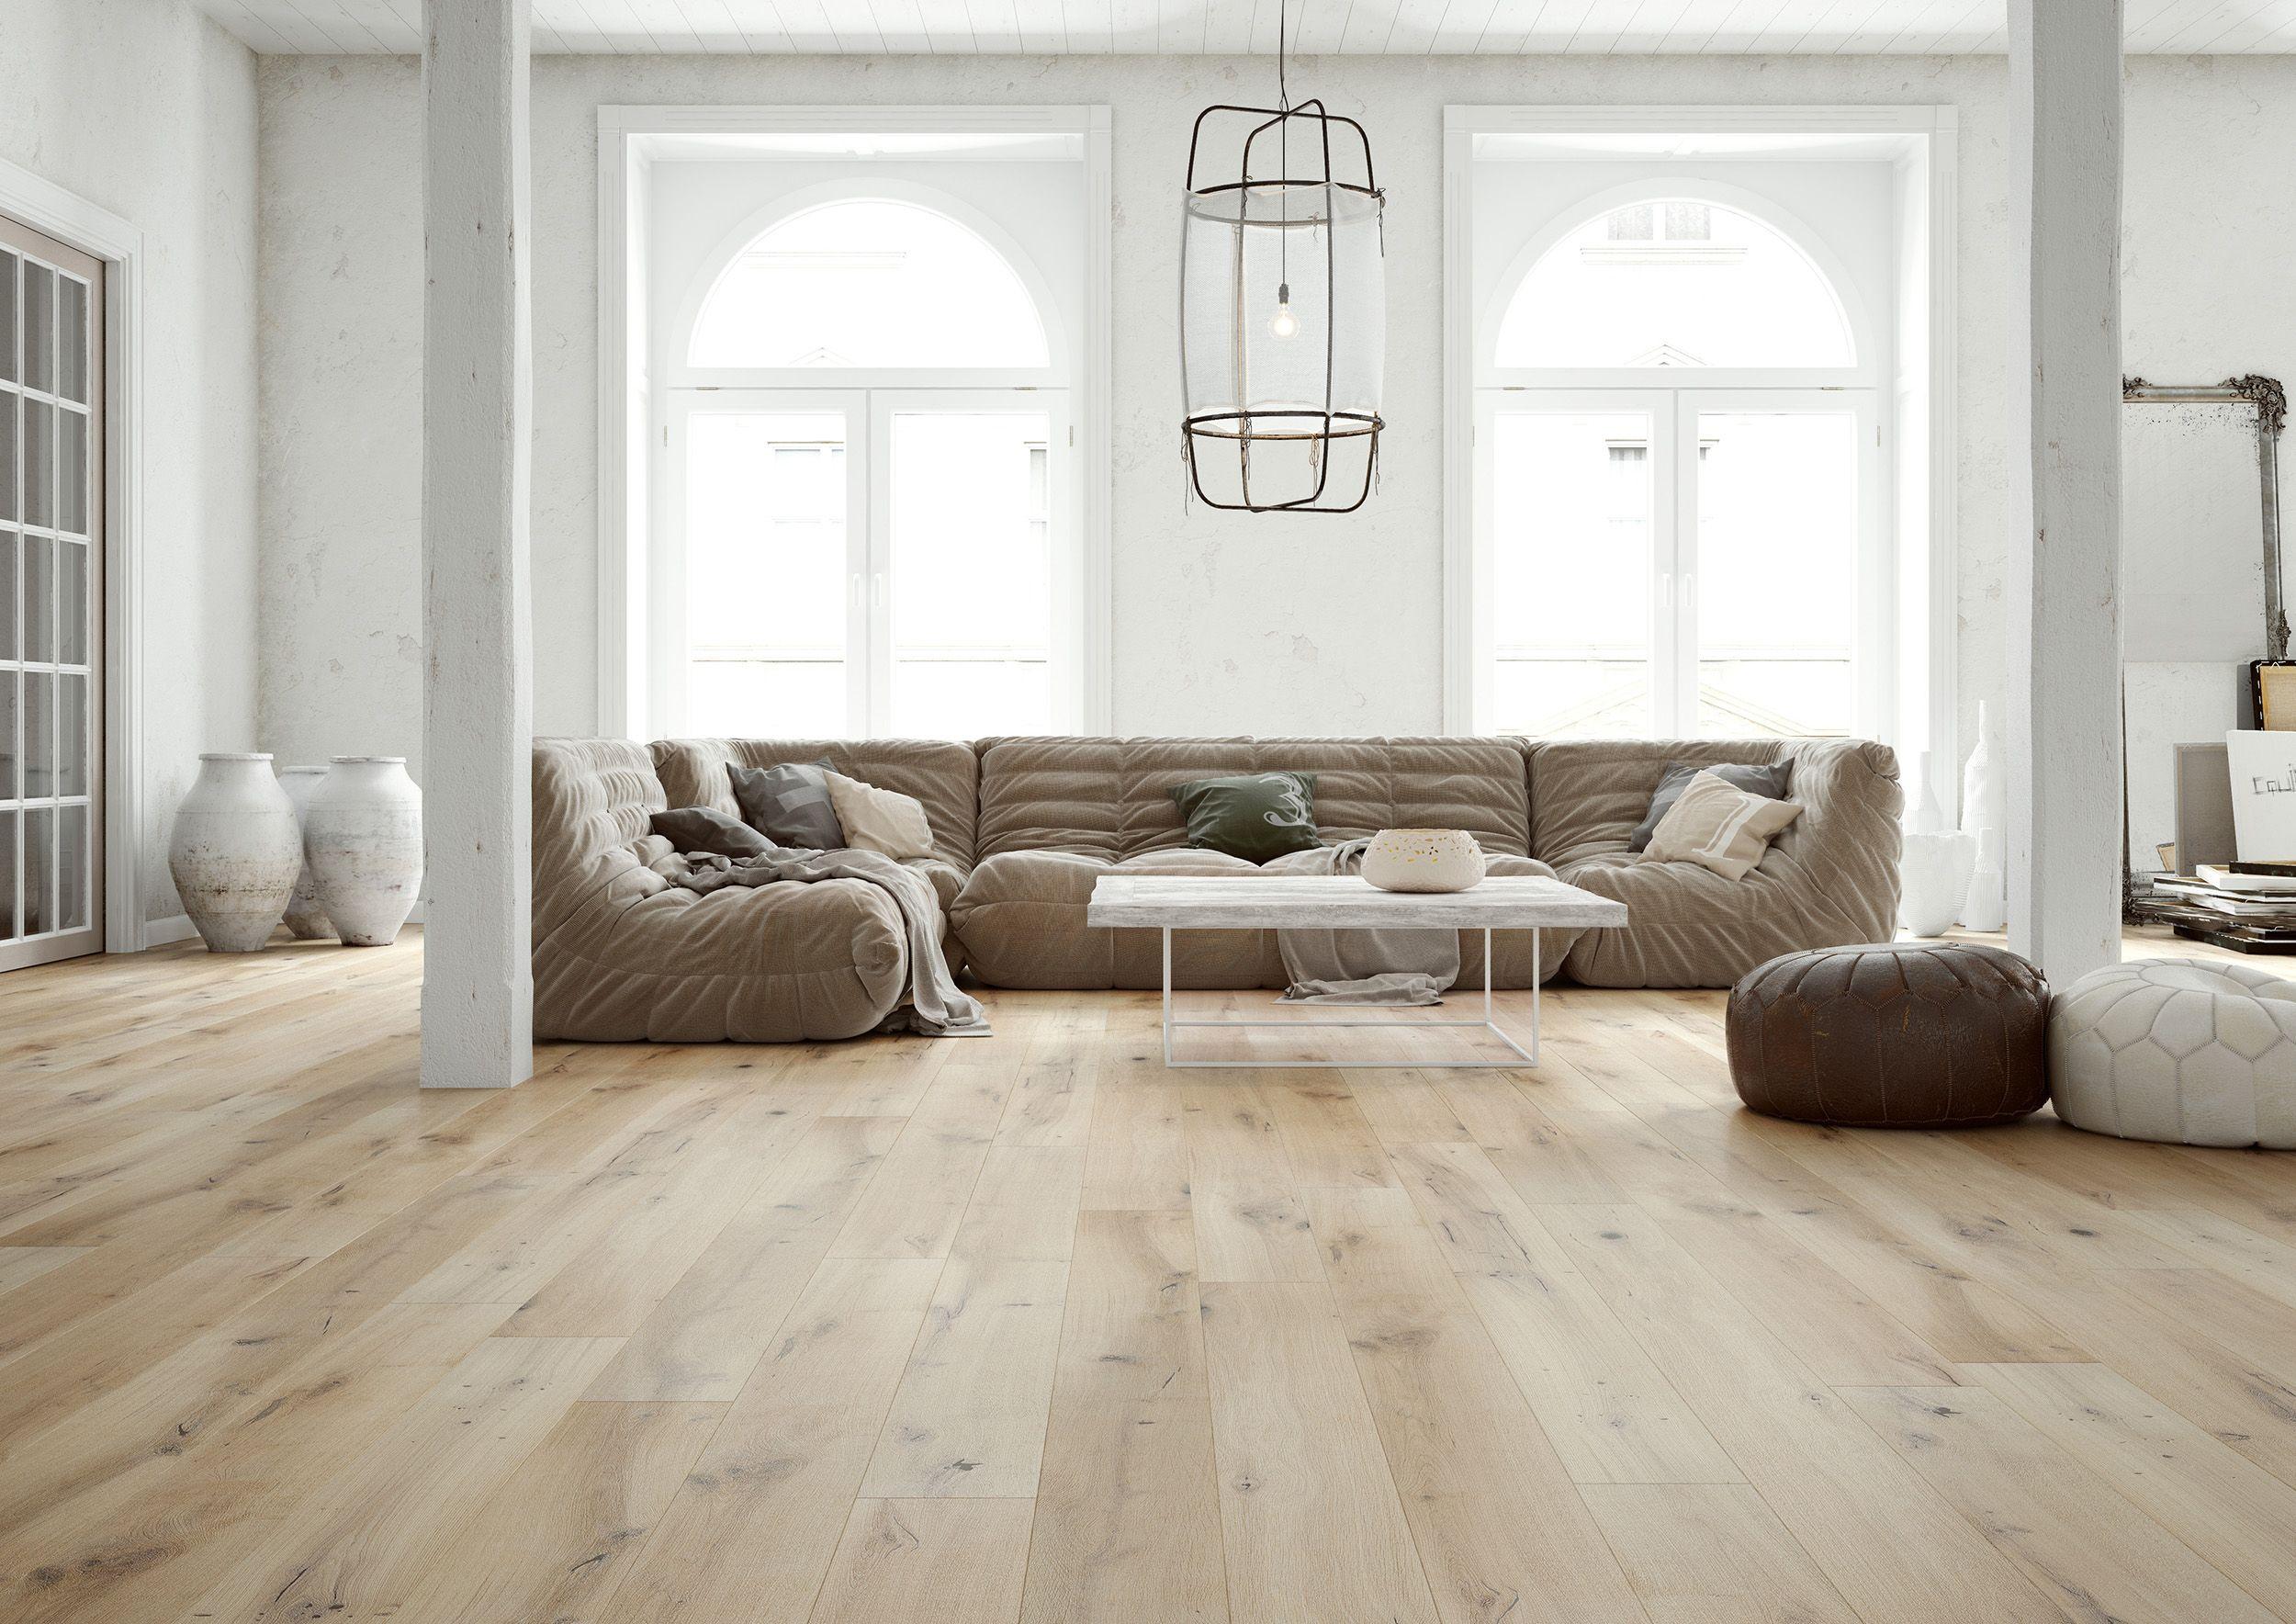 Light Oak Laminate Flooring Engineered Wood Floors Living Room Hardwood Floors Oak Laminate Flooring